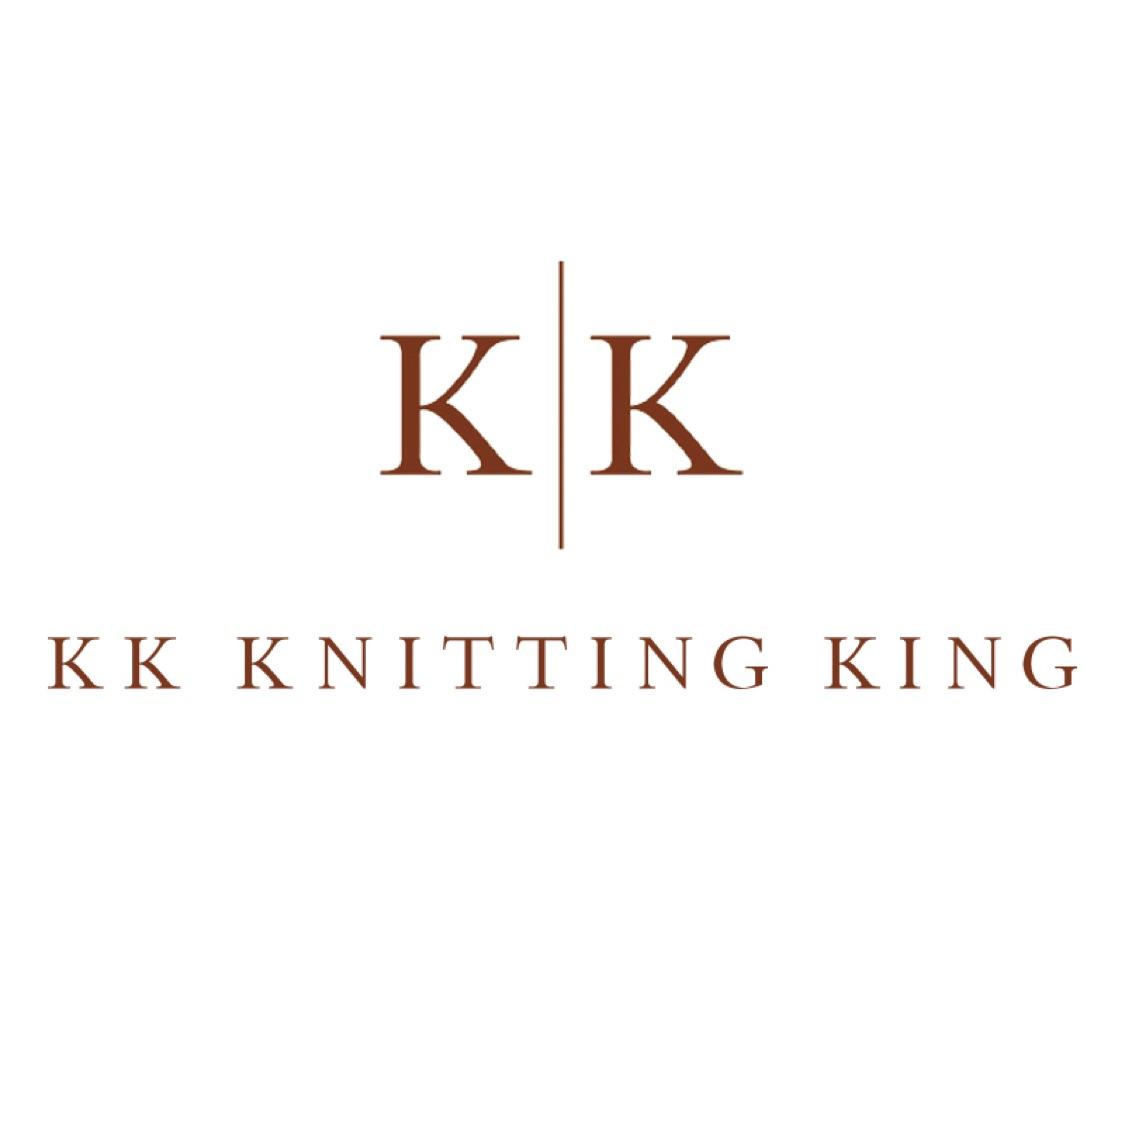 KK KNITTING KING